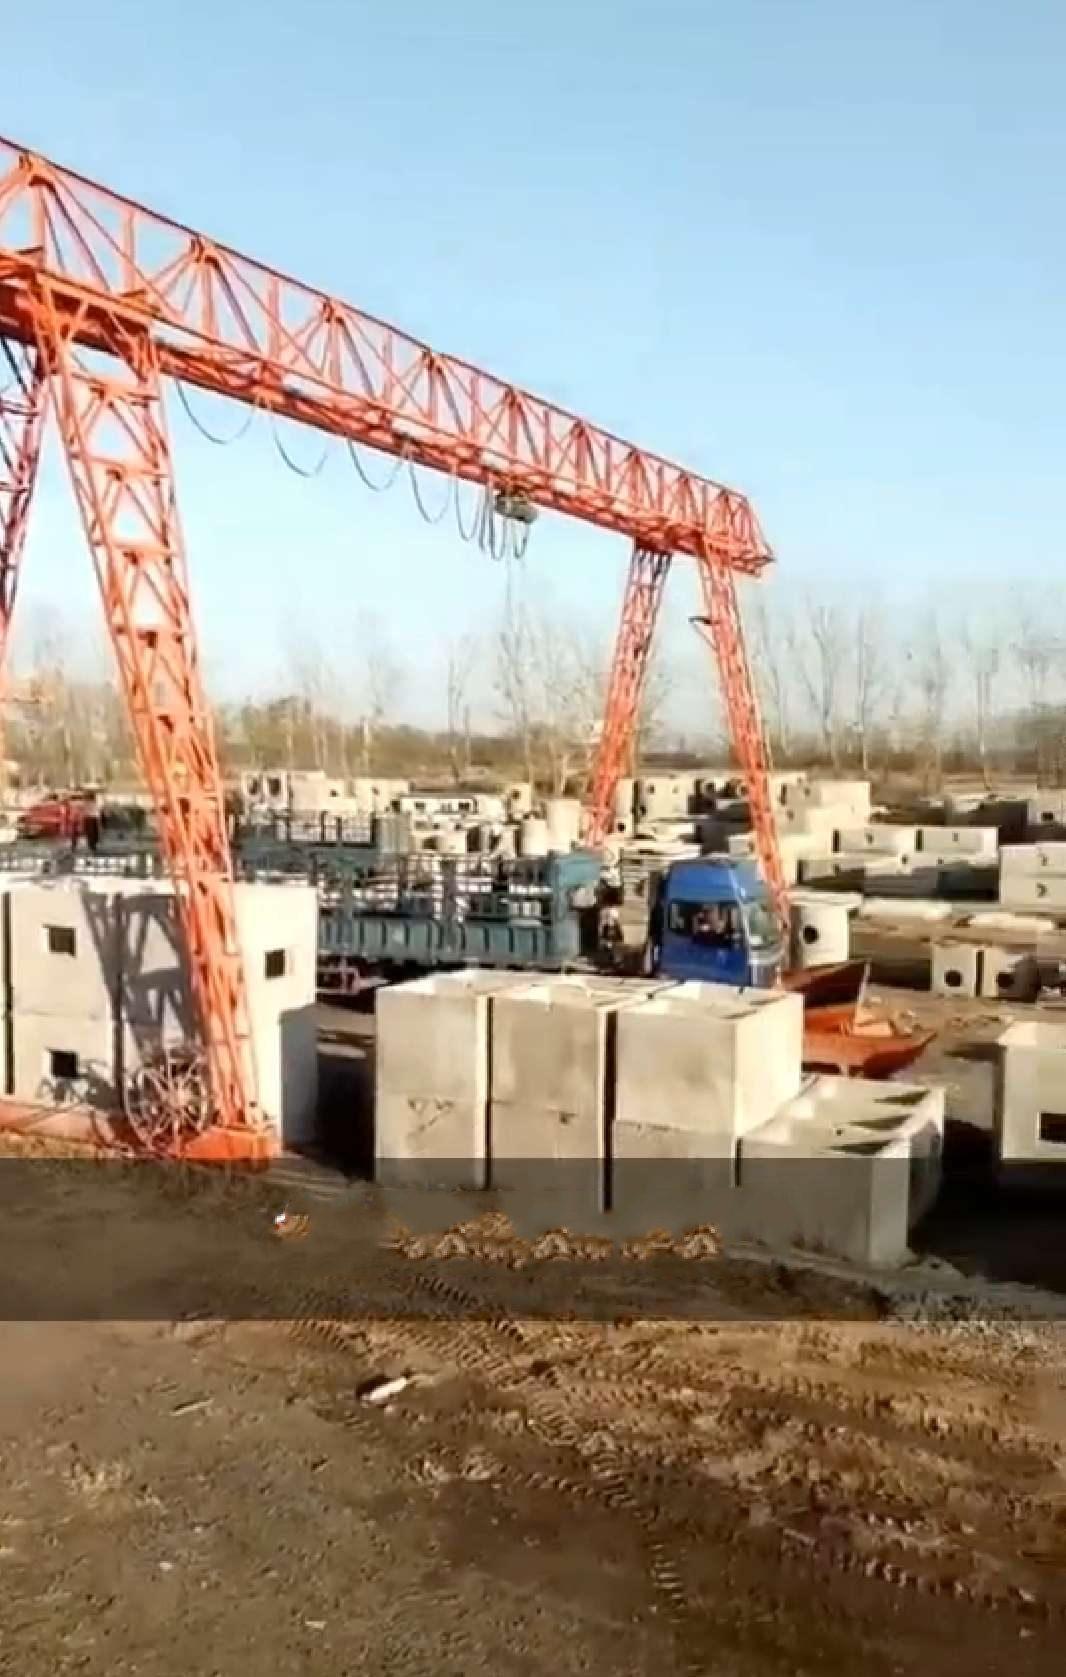 冠亚br88推荐群化粪池厂家,水泥制品厂家,混凝土检查井